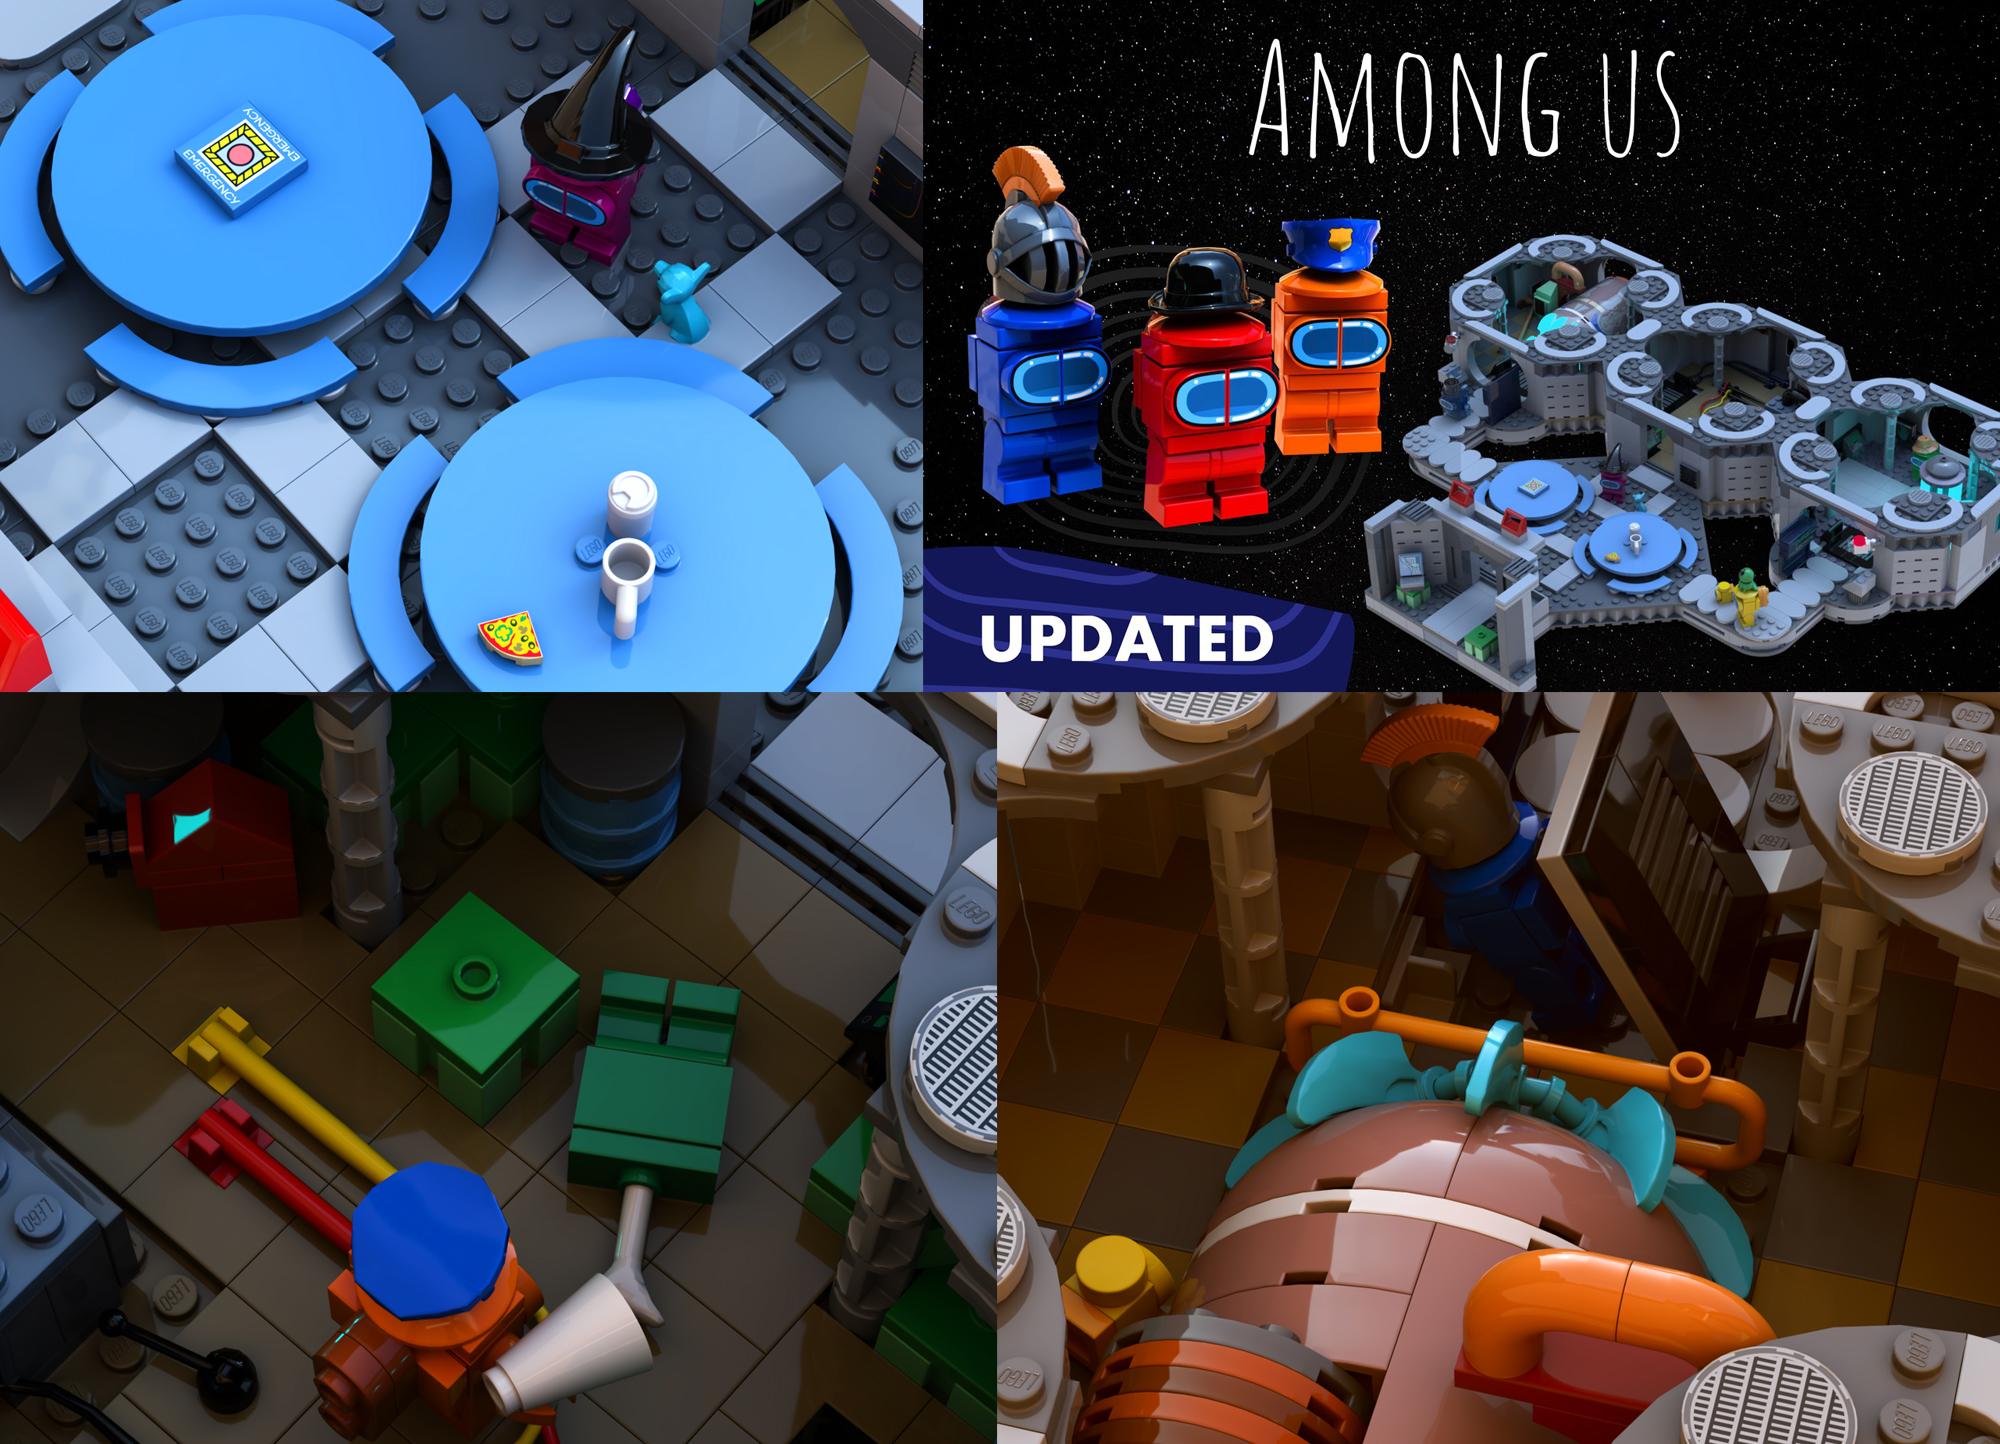 レゴアイデアで『アマング・アス(Among Us)』が製品化レビュー進出!2020年第3回1万サポート獲得デザイン紹介